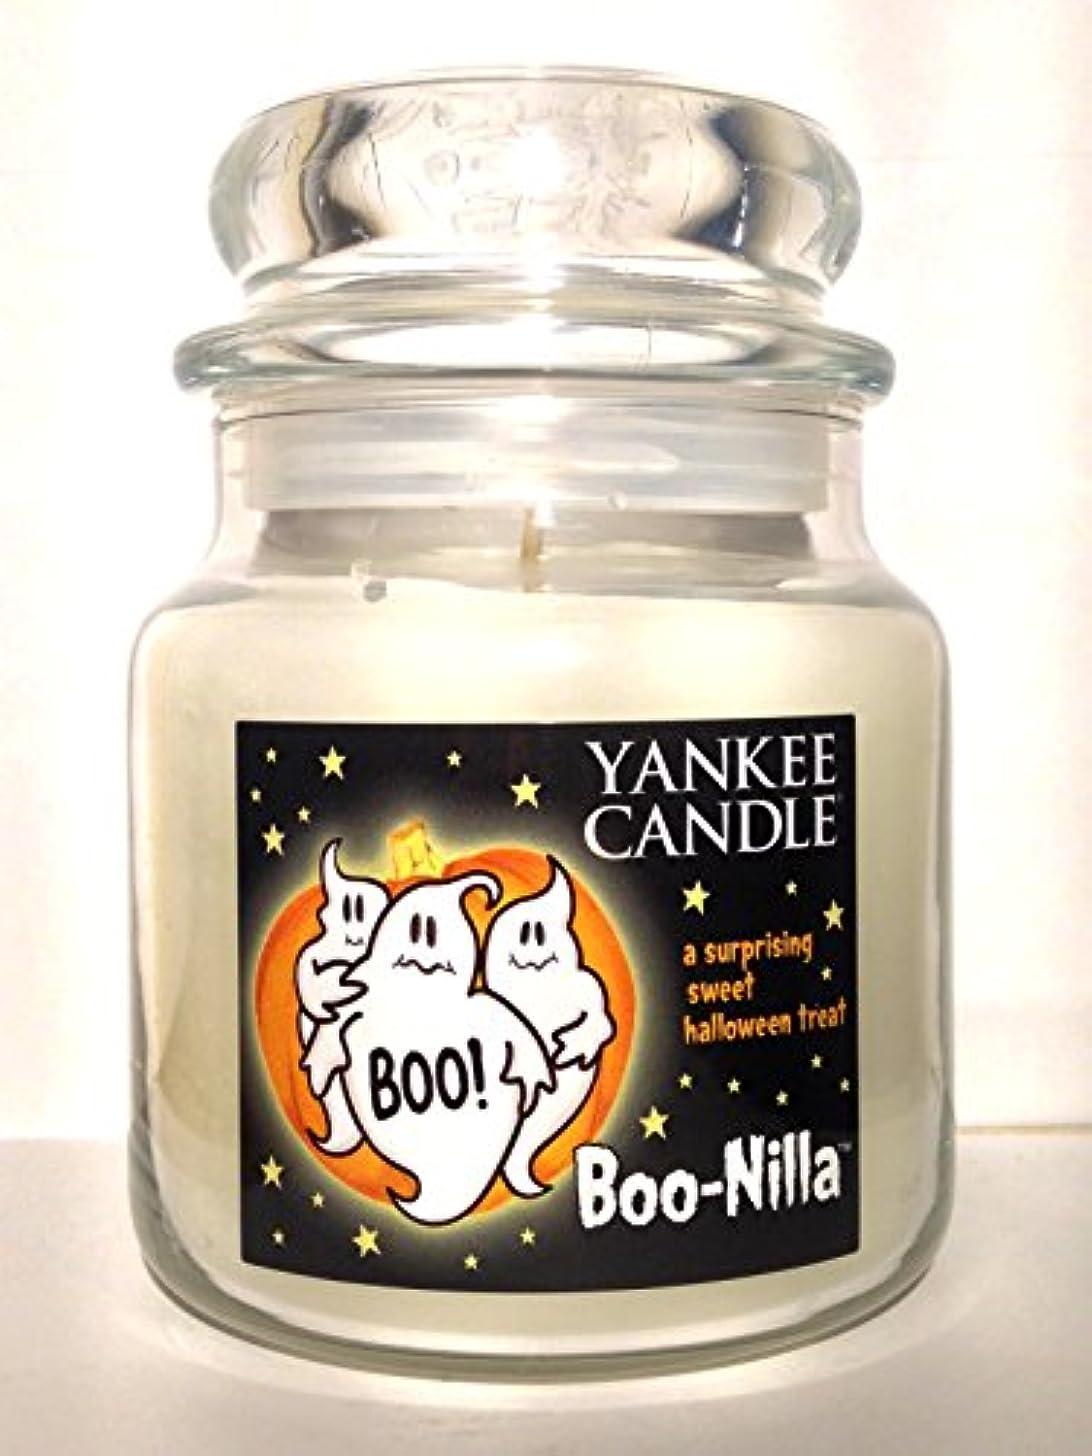 並外れたわずかな朝Yankee Candle boo-nilla Boonilla Vanilla Marshmallow香りHalloween Candle